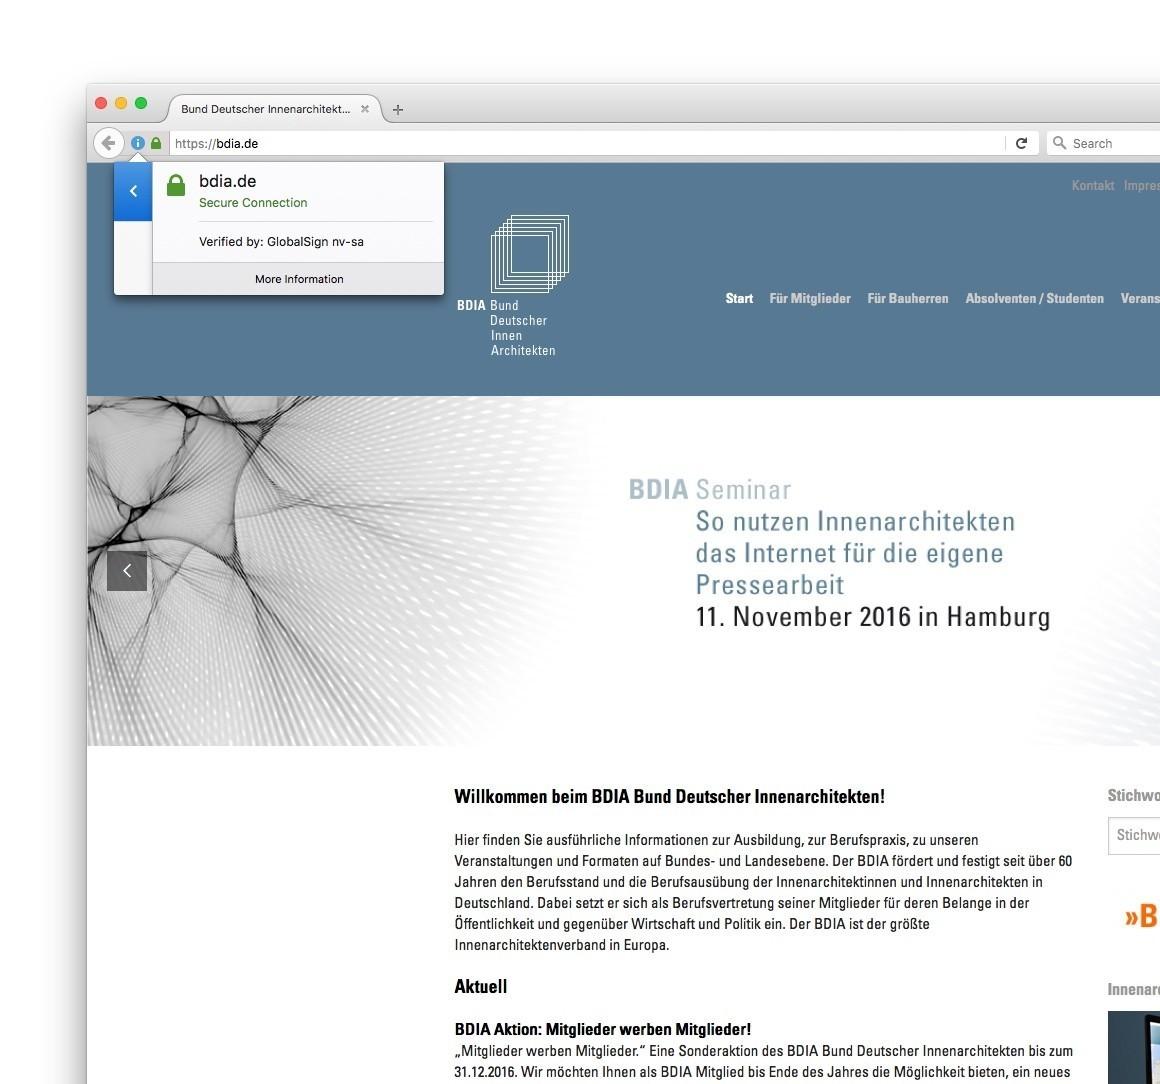 Bund Deutscher Innenarchitekten die website des bdia läuft ab sofort mit ssl verschlüsselung